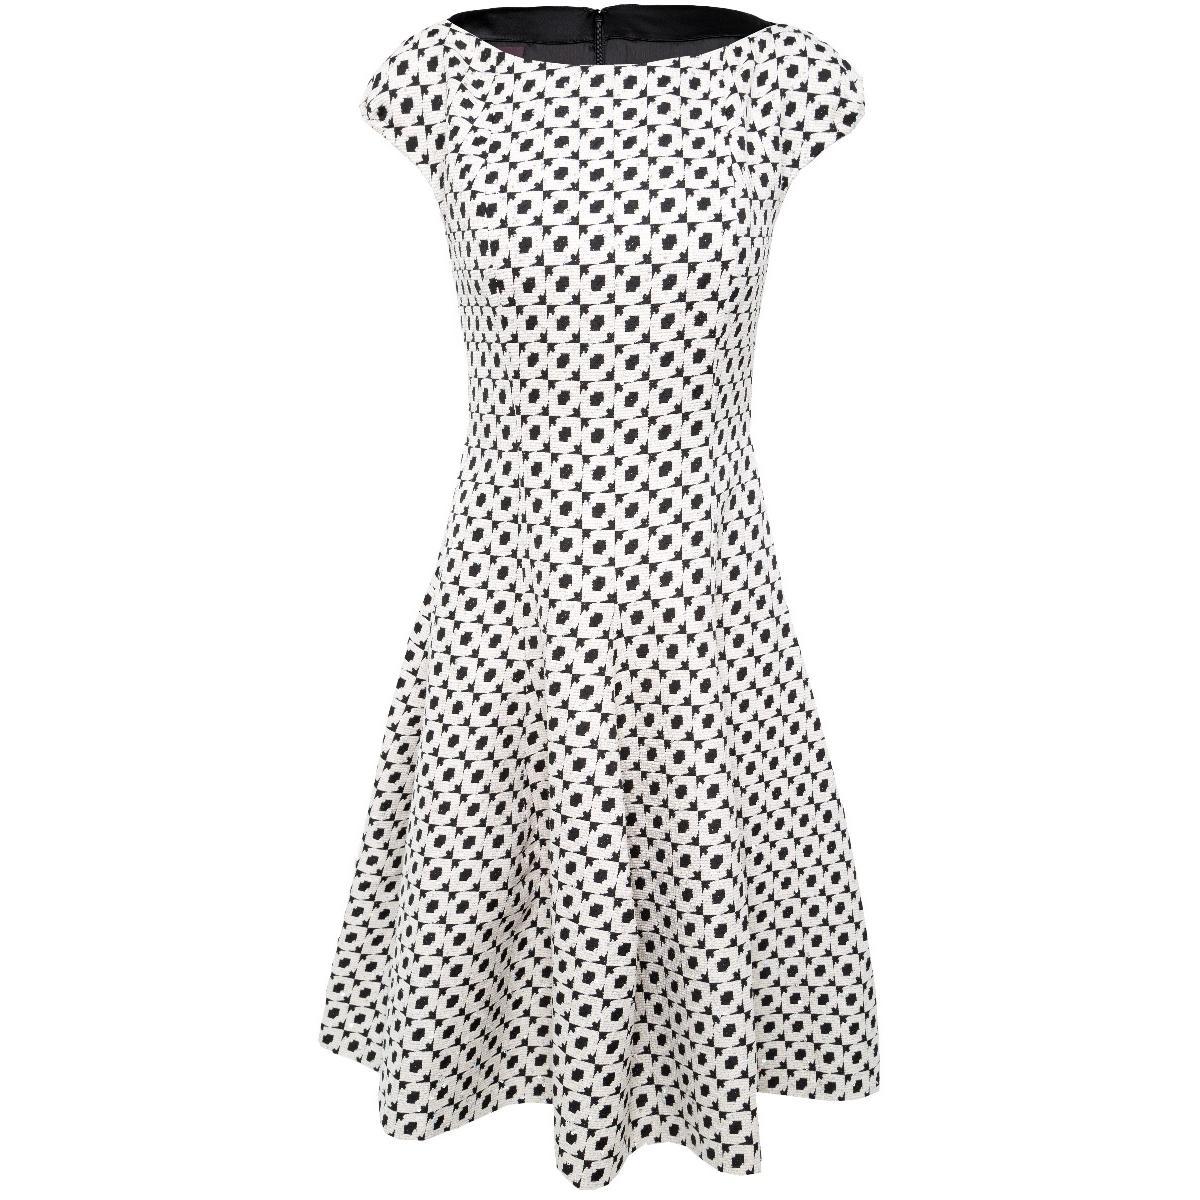 Knielanges Kleid Mit Grafischem Muster Zarter Pastell Paillettierung Bateau Ausschnitt Und Ausgestelltem Rockteil Popp Kretschmer Multibrand Fashion Store